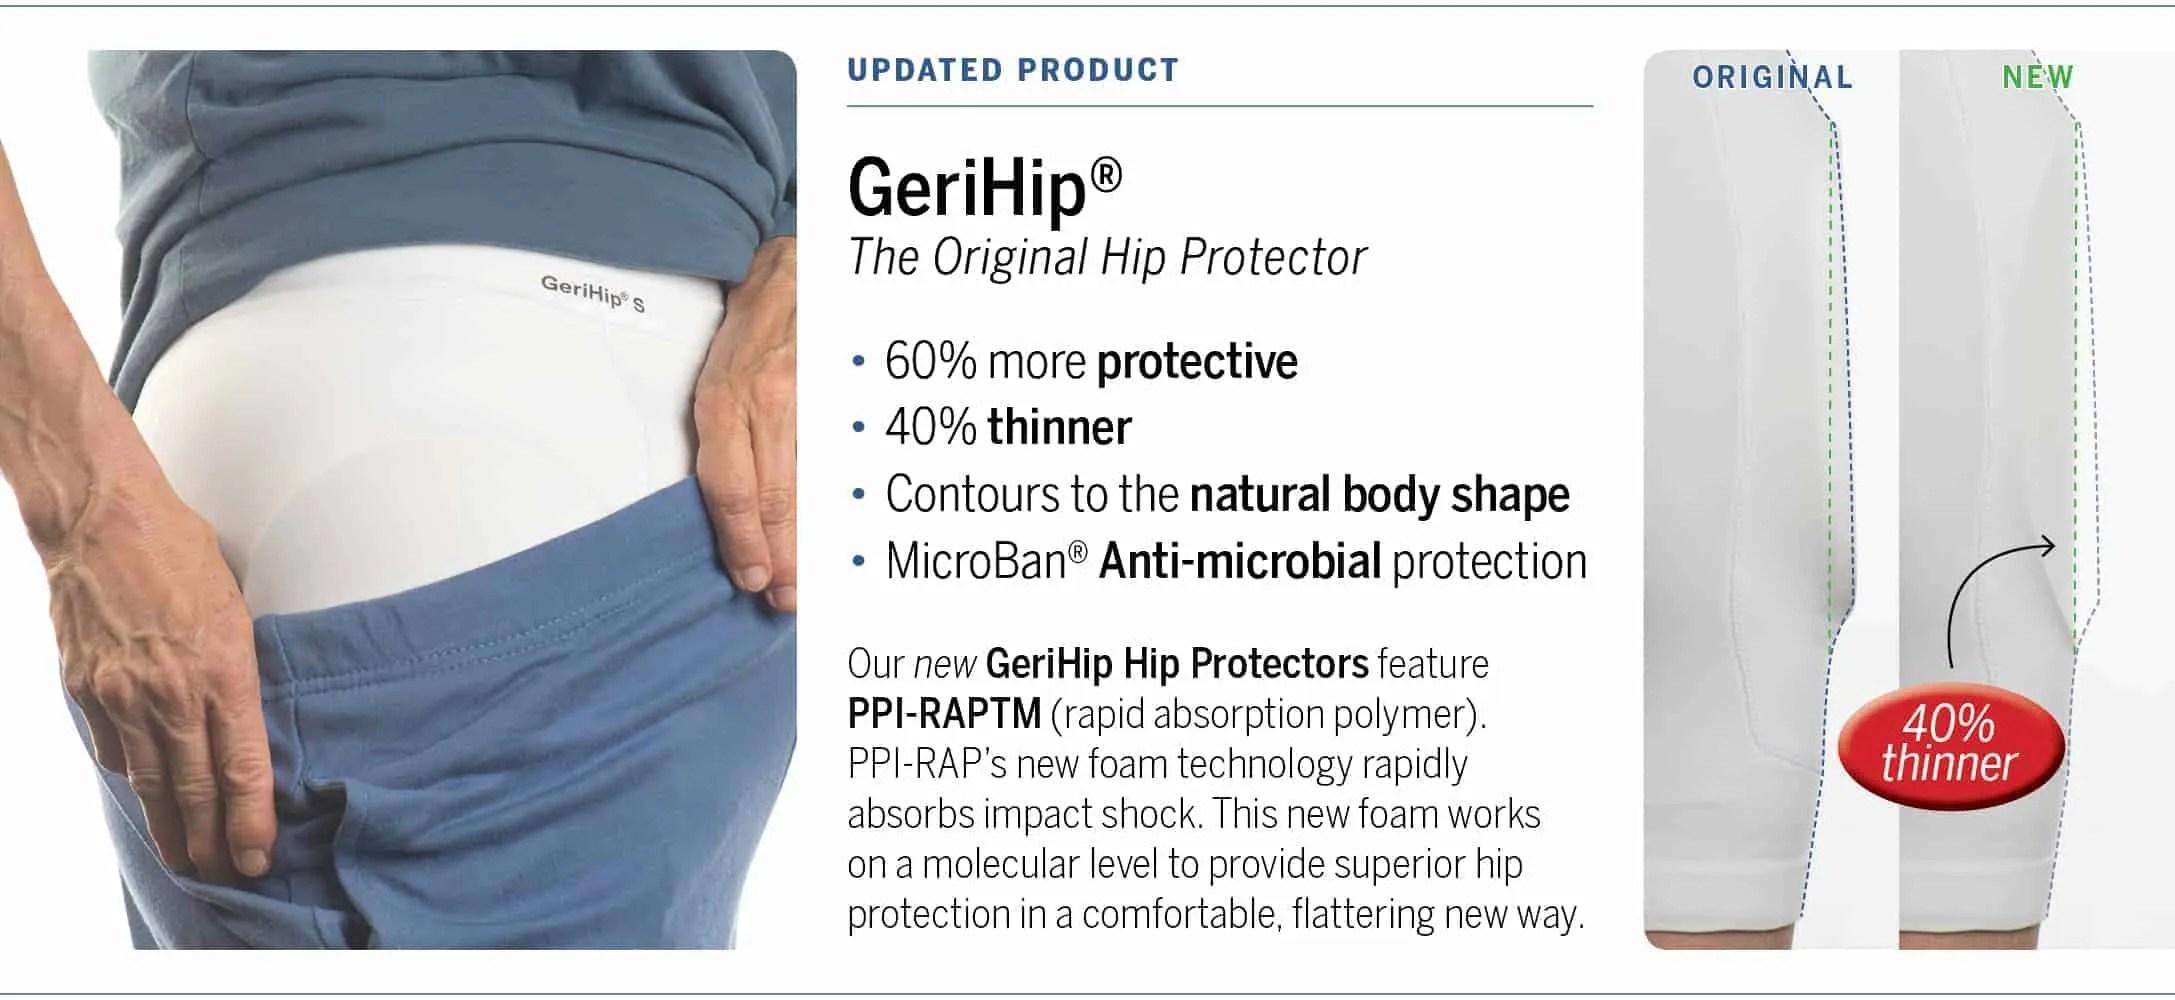 Geri Hip Product Updates